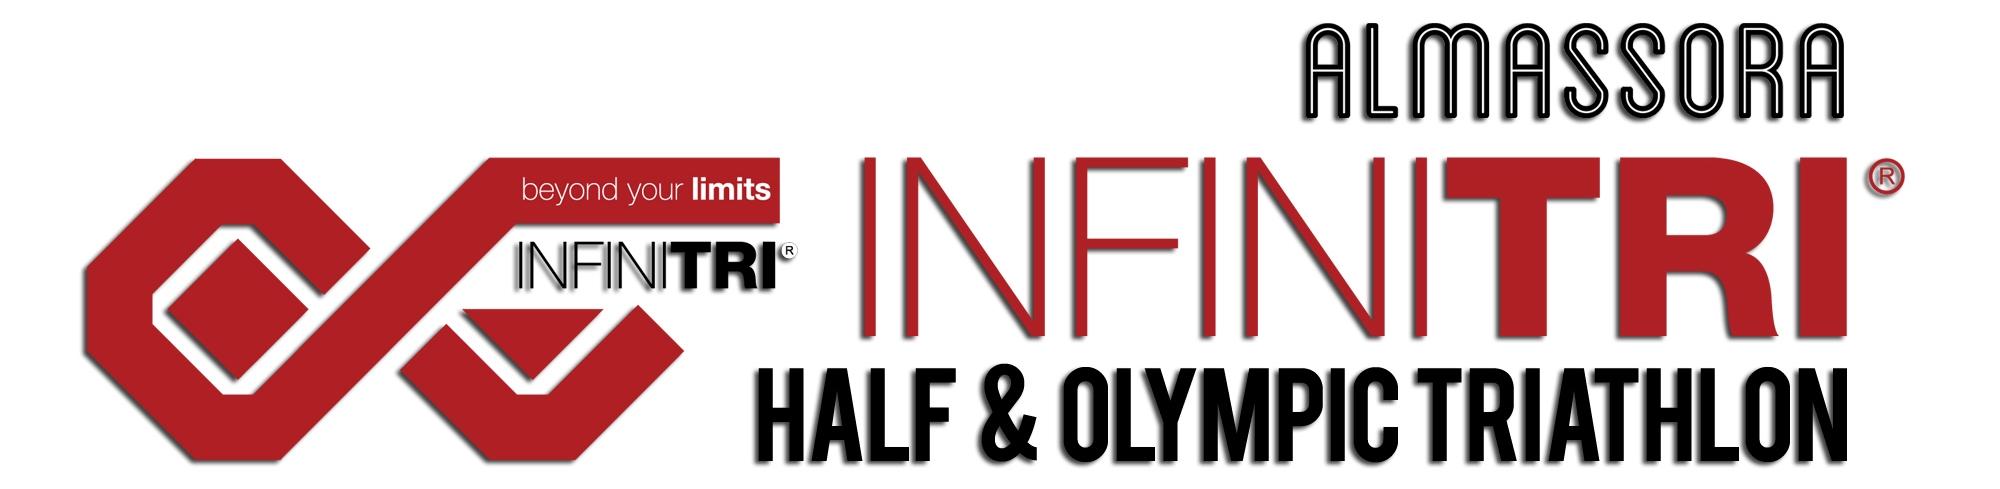 V INFINITRI HALF & OLYMPIC+ TRIATHLON ALMASSORA